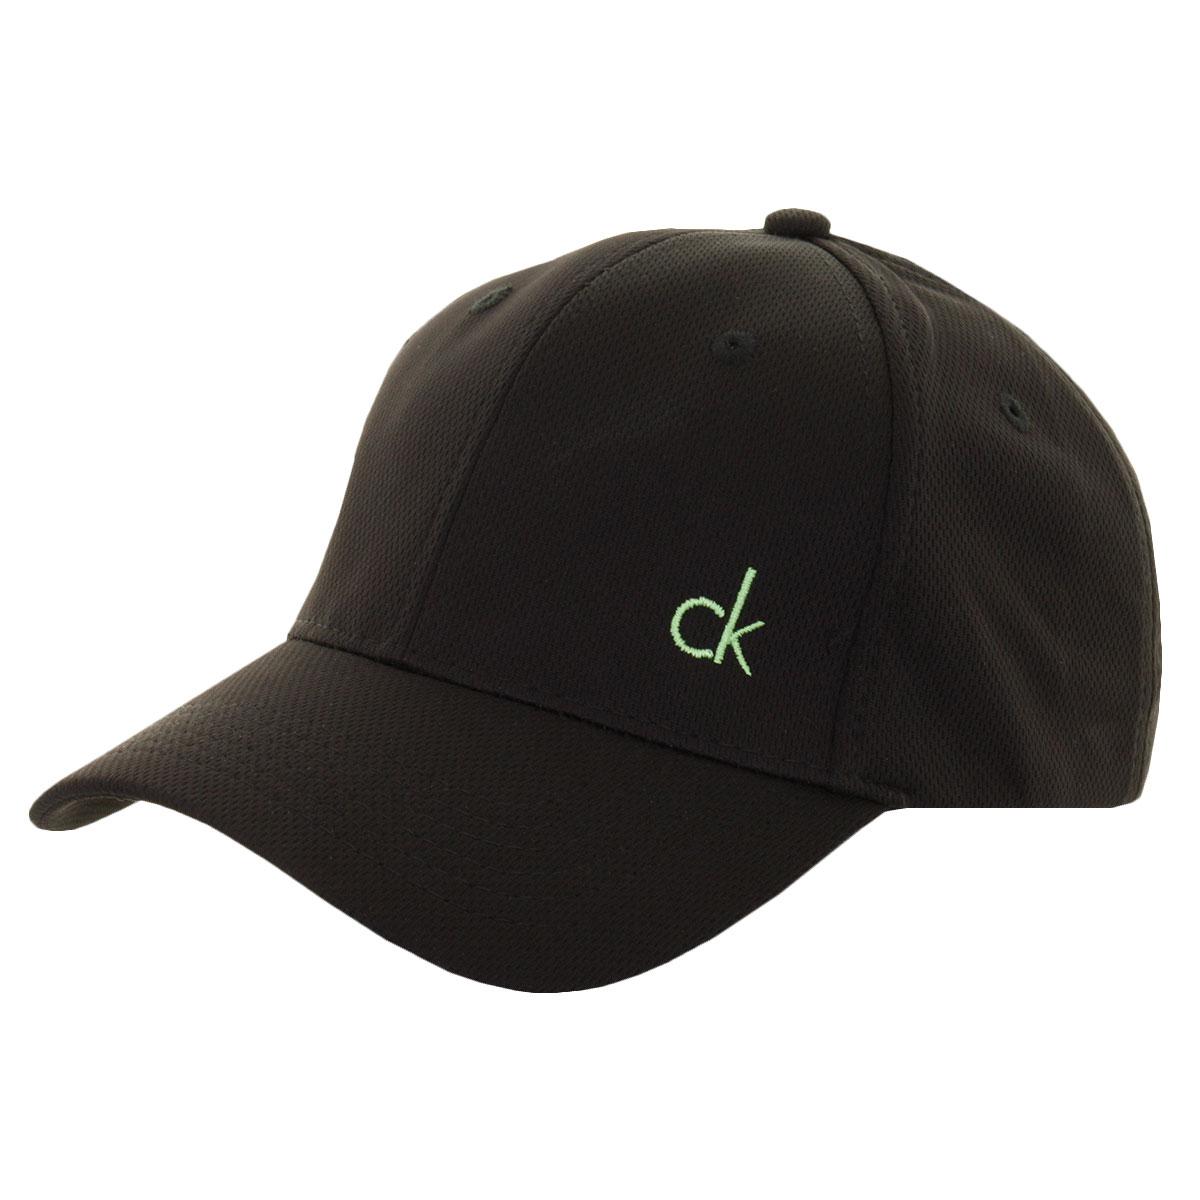 47daae05 Calvin Klein Golf Mens CK Airtex Adjustable Mesh Baseball Cap 40 ...